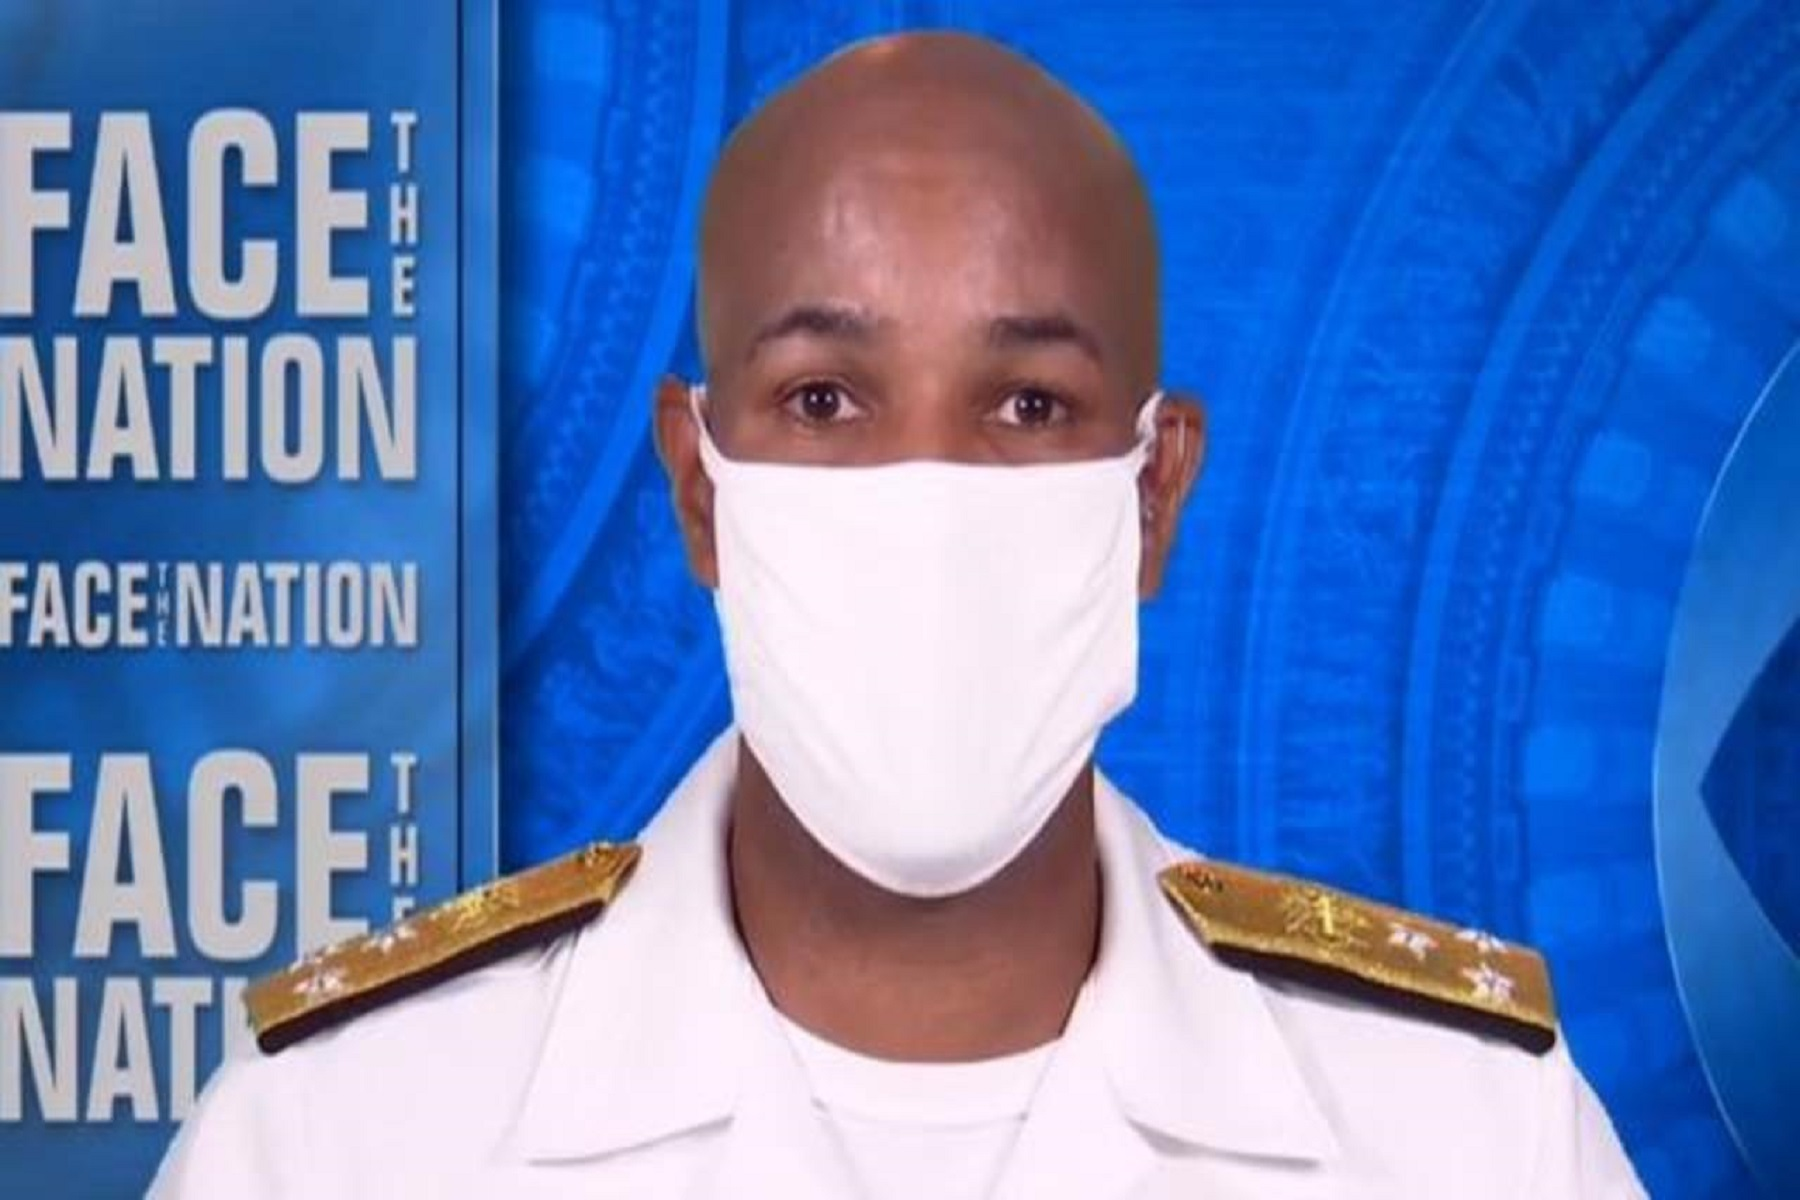 Δρ Jerome Adams: Ο πρώην επικεφαλής χειρουργός λέει ότι η καθοδήγηση μάσκας των CDC είναι «πρόωρη» και «λάθος»